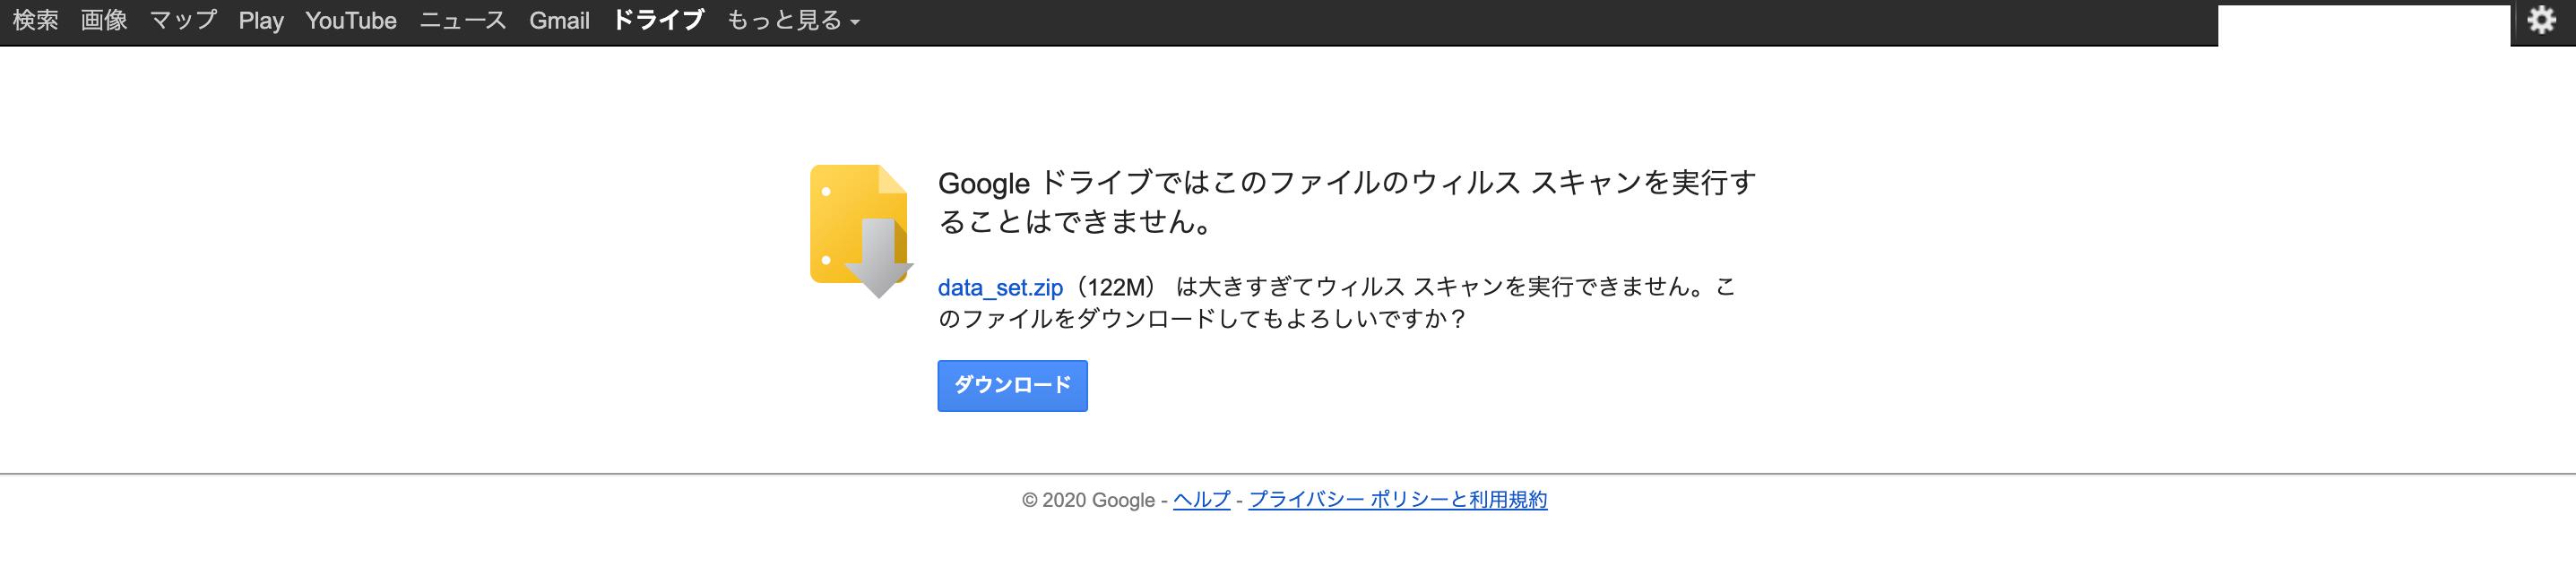 スクリーンショット 2020-03-02 22.24.46.png